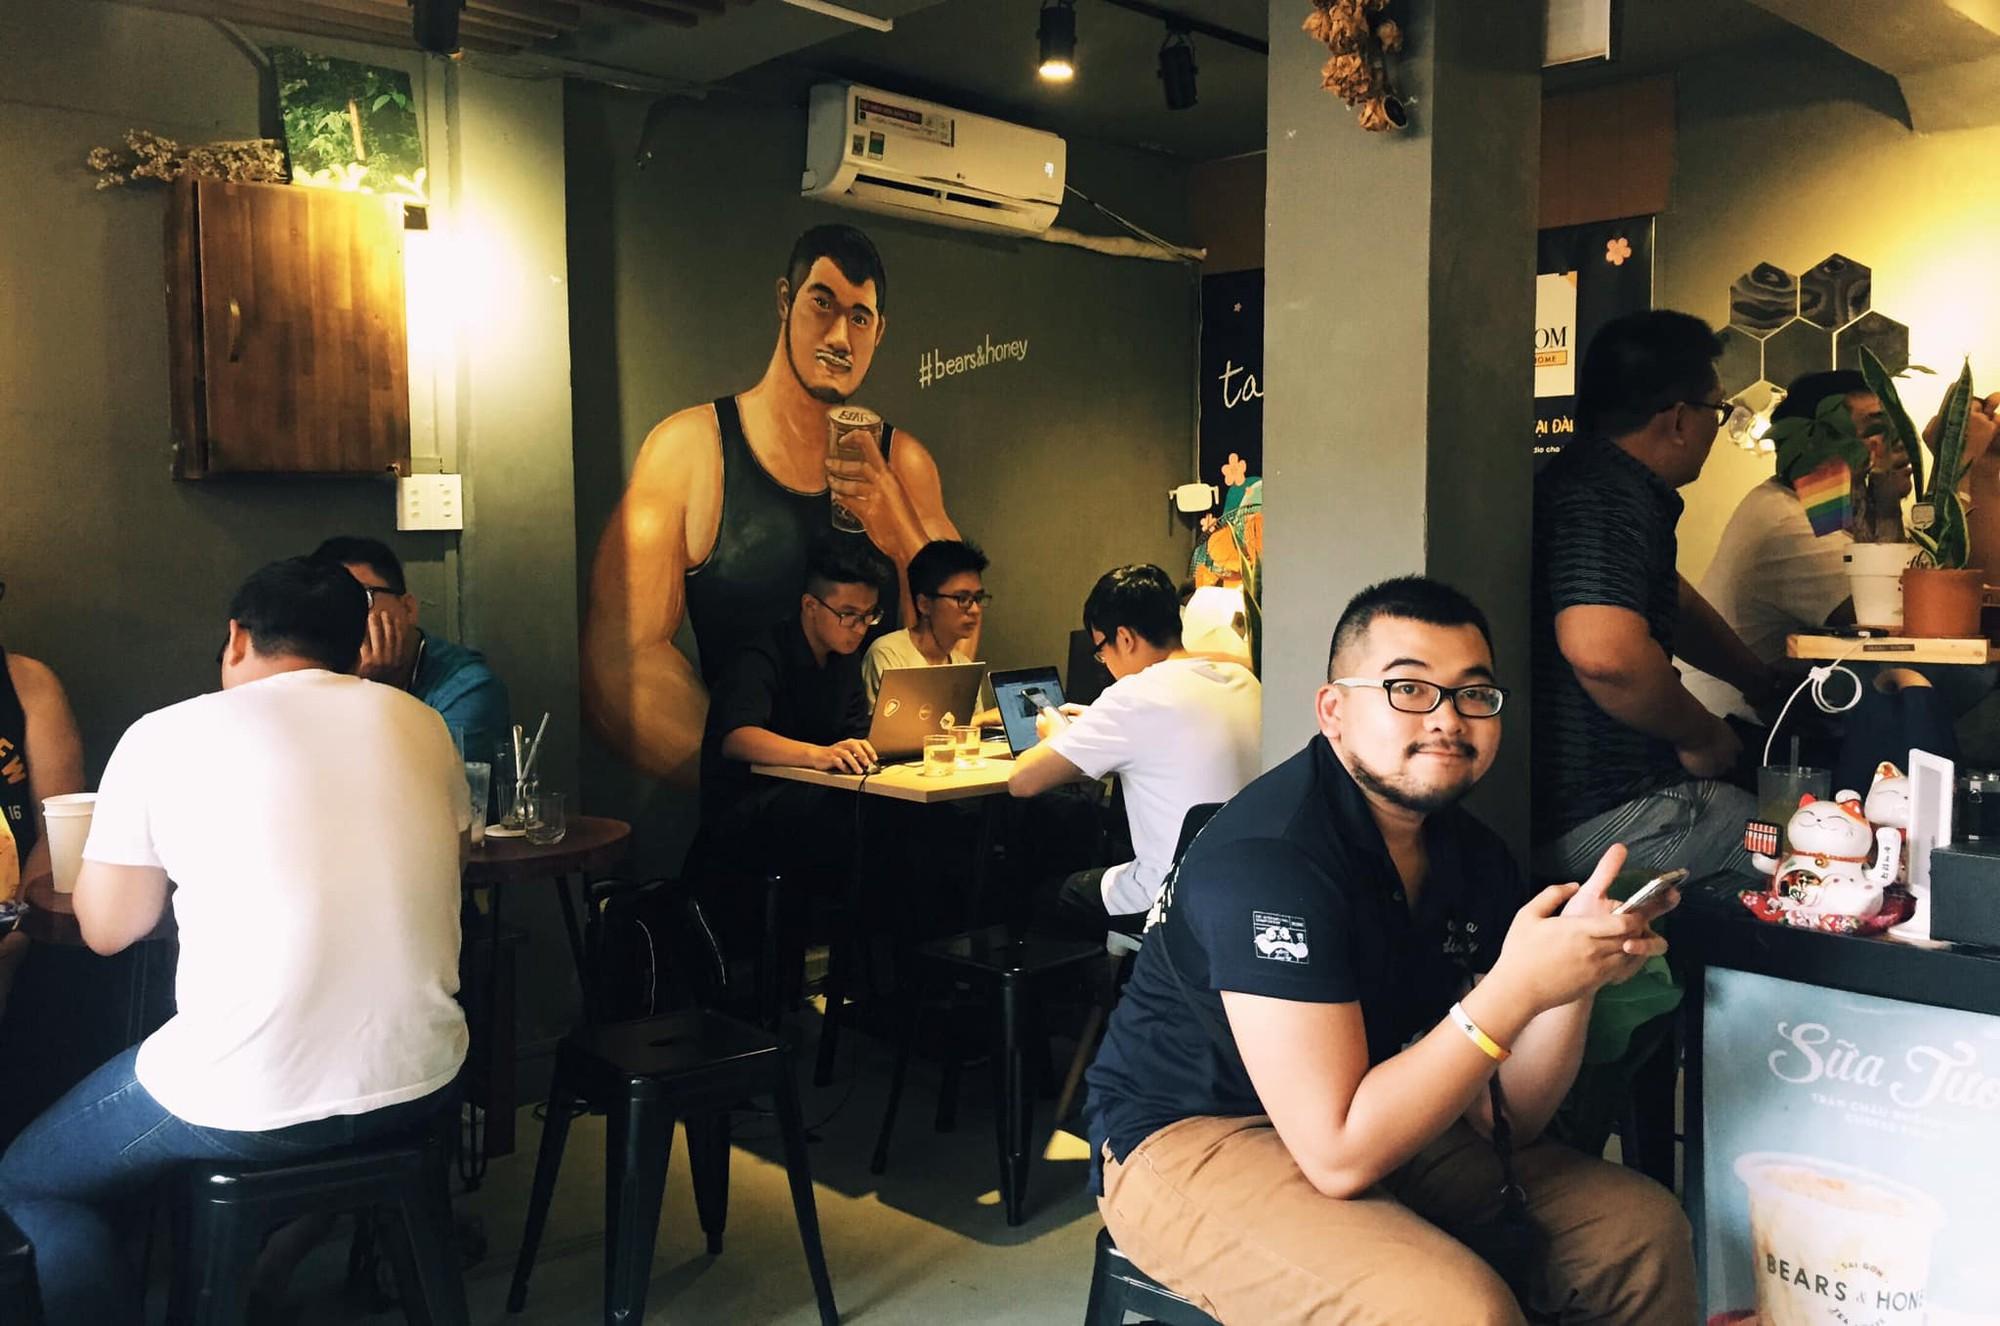 Gọi tên những quán cà phê ở TP. HCM là nơi tụ họp thường xuyên của người LGBT - Ảnh 5.